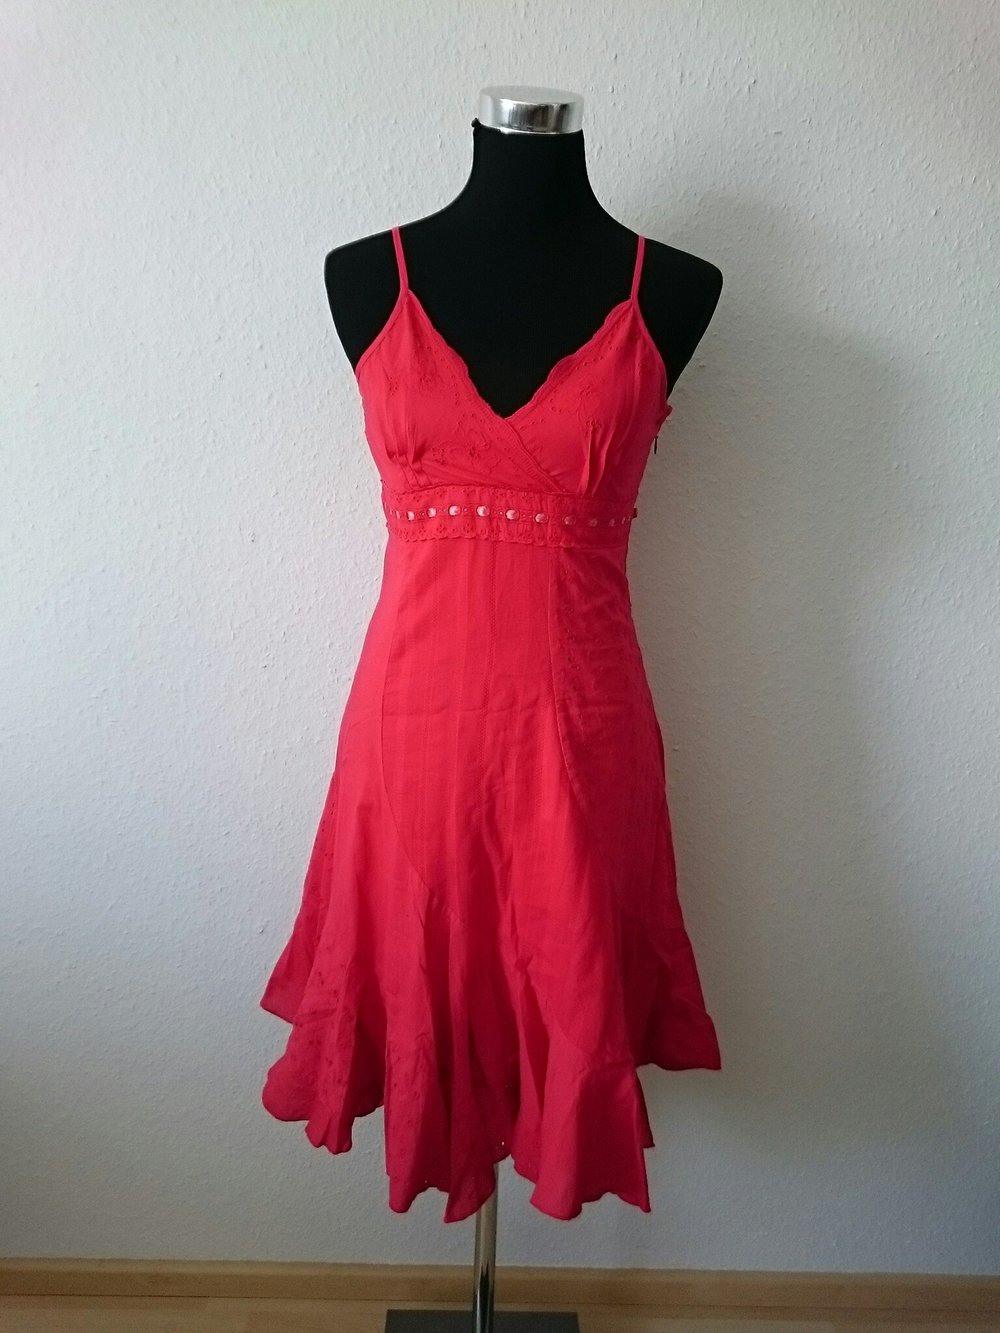 Rotes Sommerkleid  Kleiderkorbde